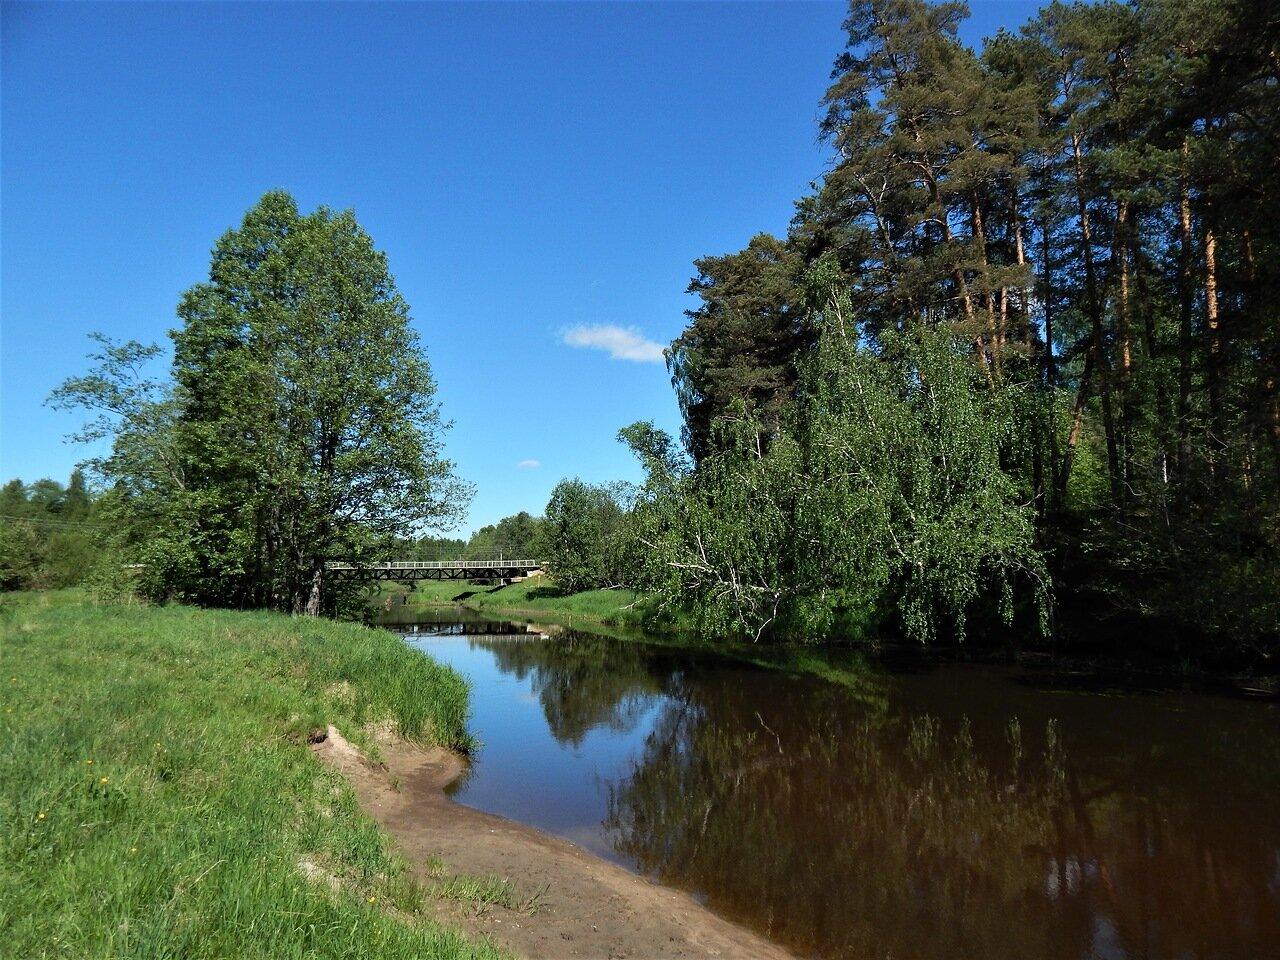 Жители Ярославской области могут принять участие в экоакции, посвященной Дню экологических знаний